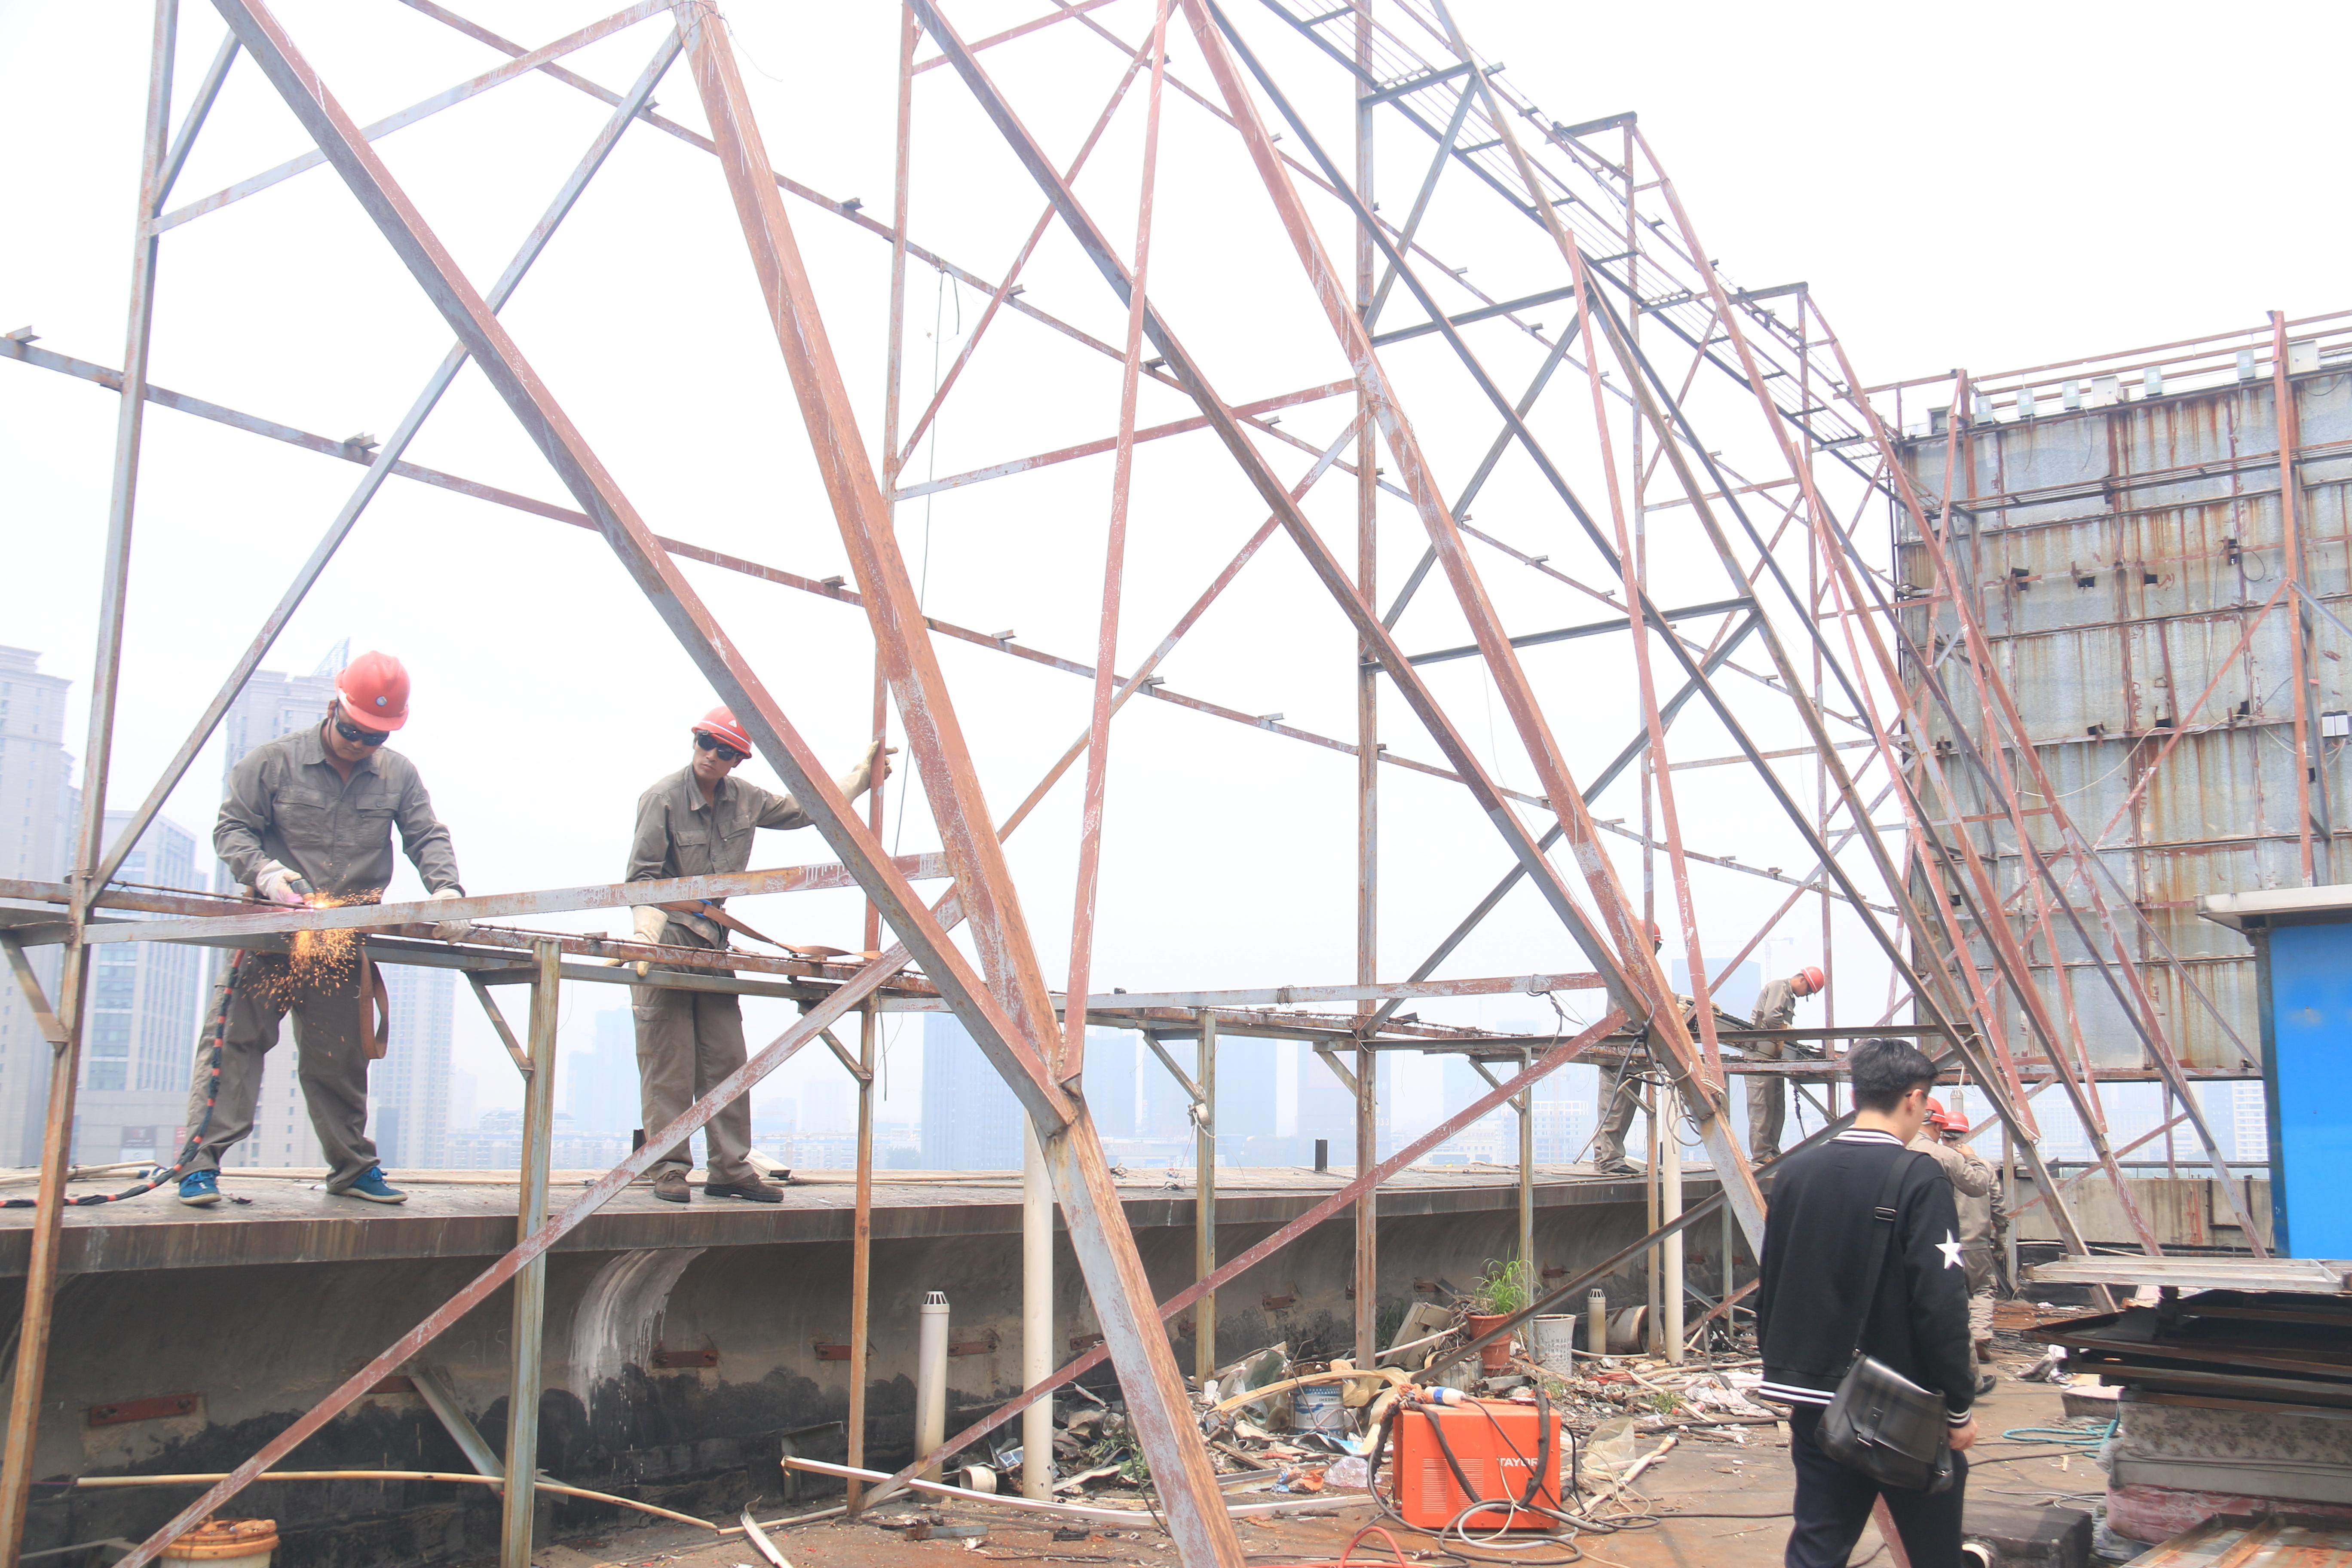 工人们正拿着氧焊机切割固定在广告牌上的铁架,一辆巨大的吊车缓缓将